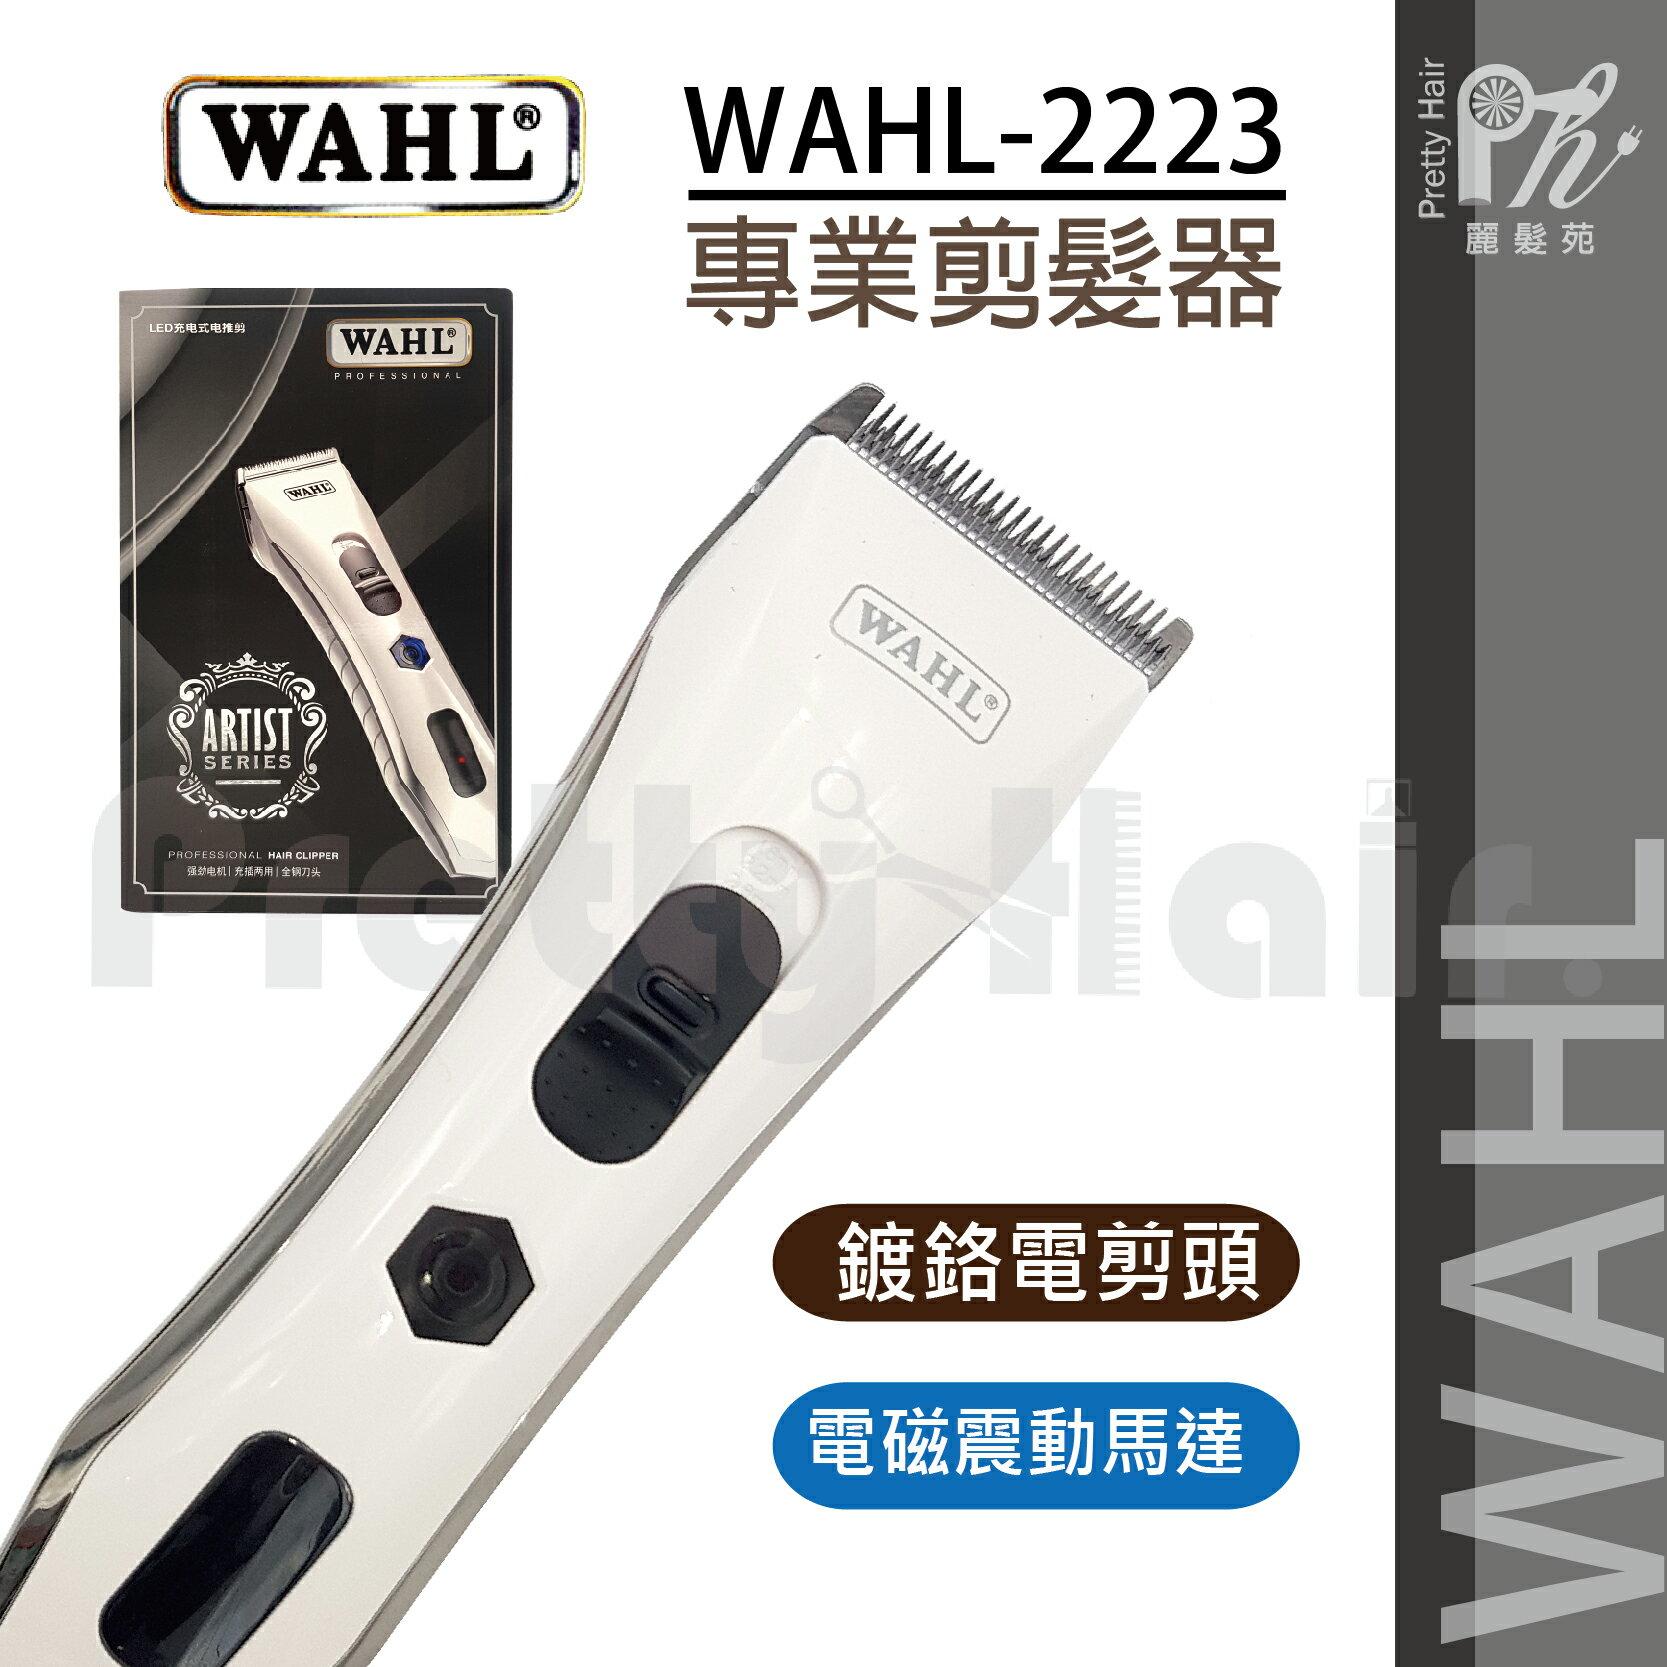 【麗髮苑】送2贈品 電動理髮器 專業電剪WAHL-2223 白色 理髮刀理髮剪剃頭刀剃刀剃髮刀刮鬍刀